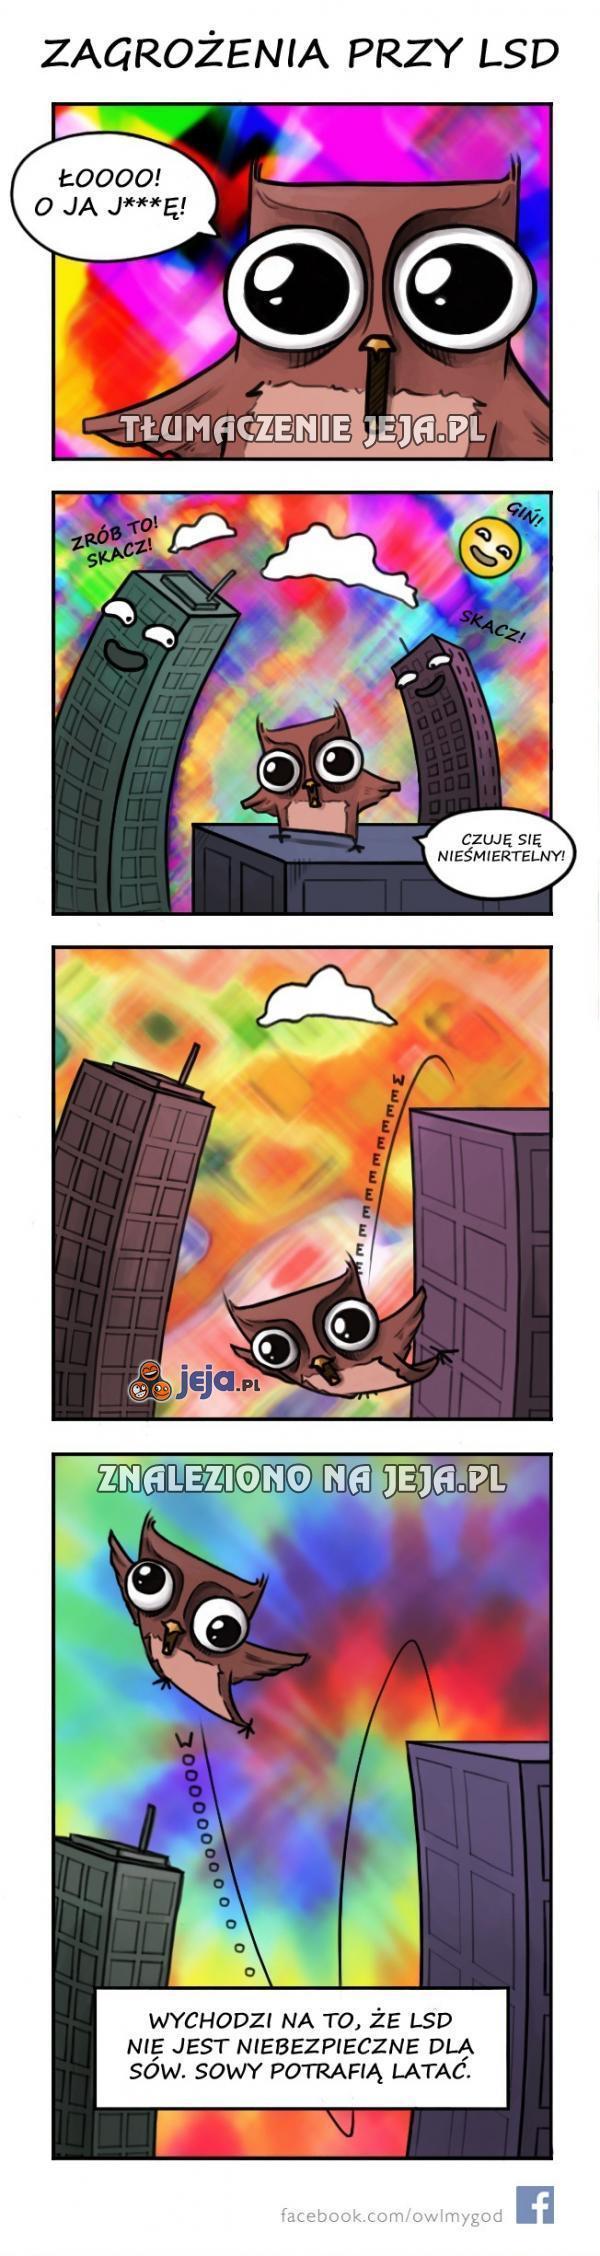 LSD jest niebezpieczne